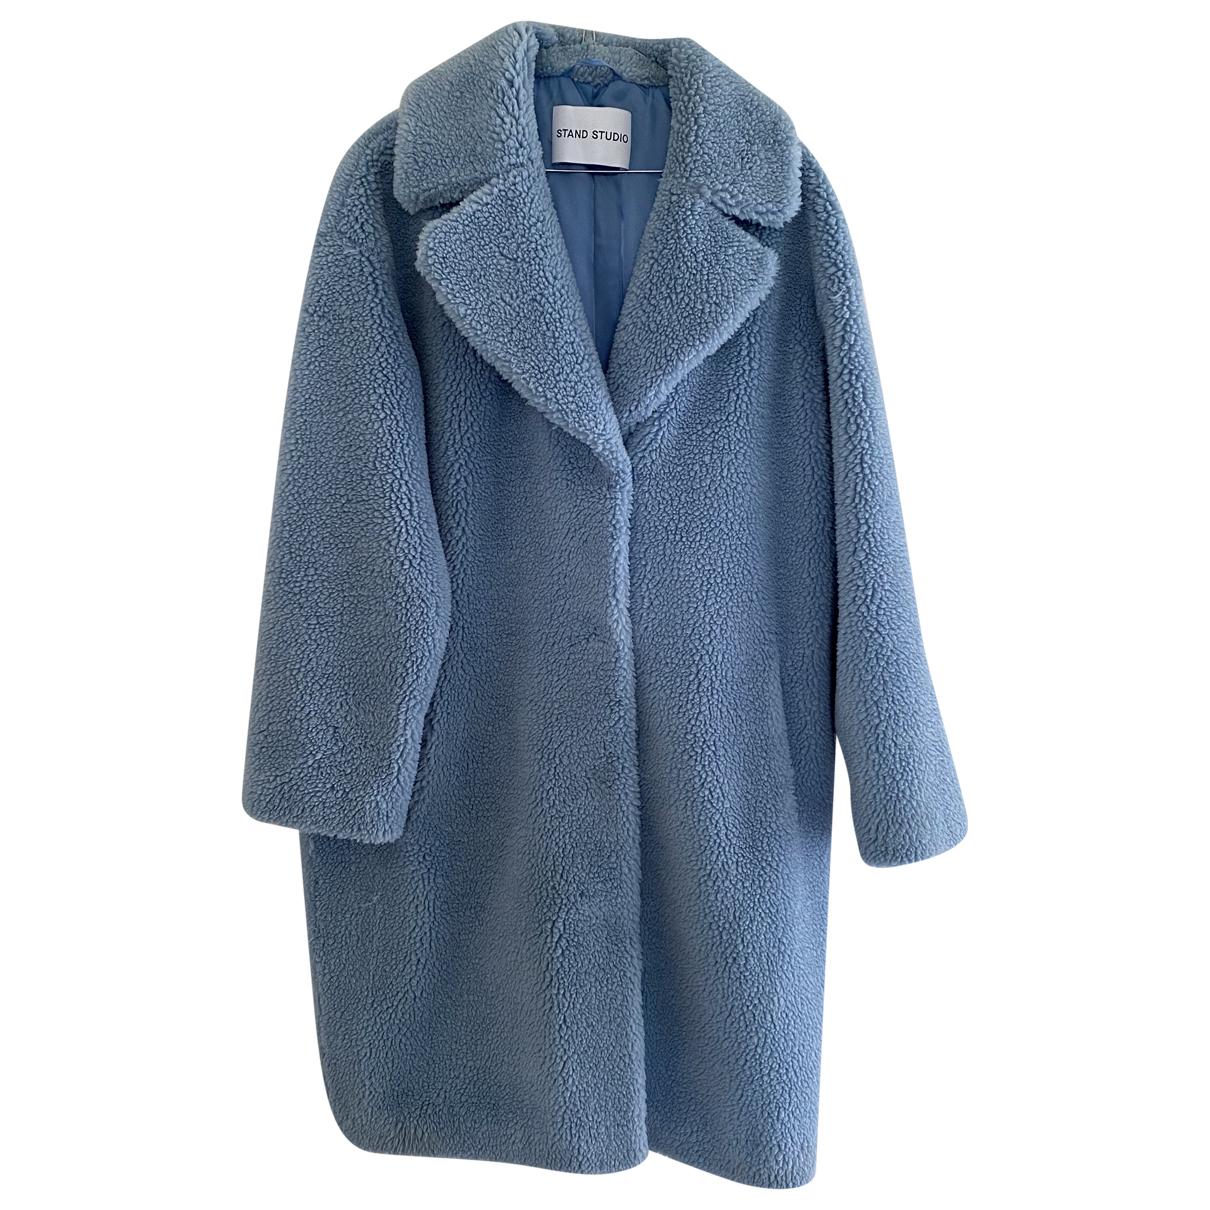 Stand Studio - Manteau   pour femme en fourrure synthetique - bleu